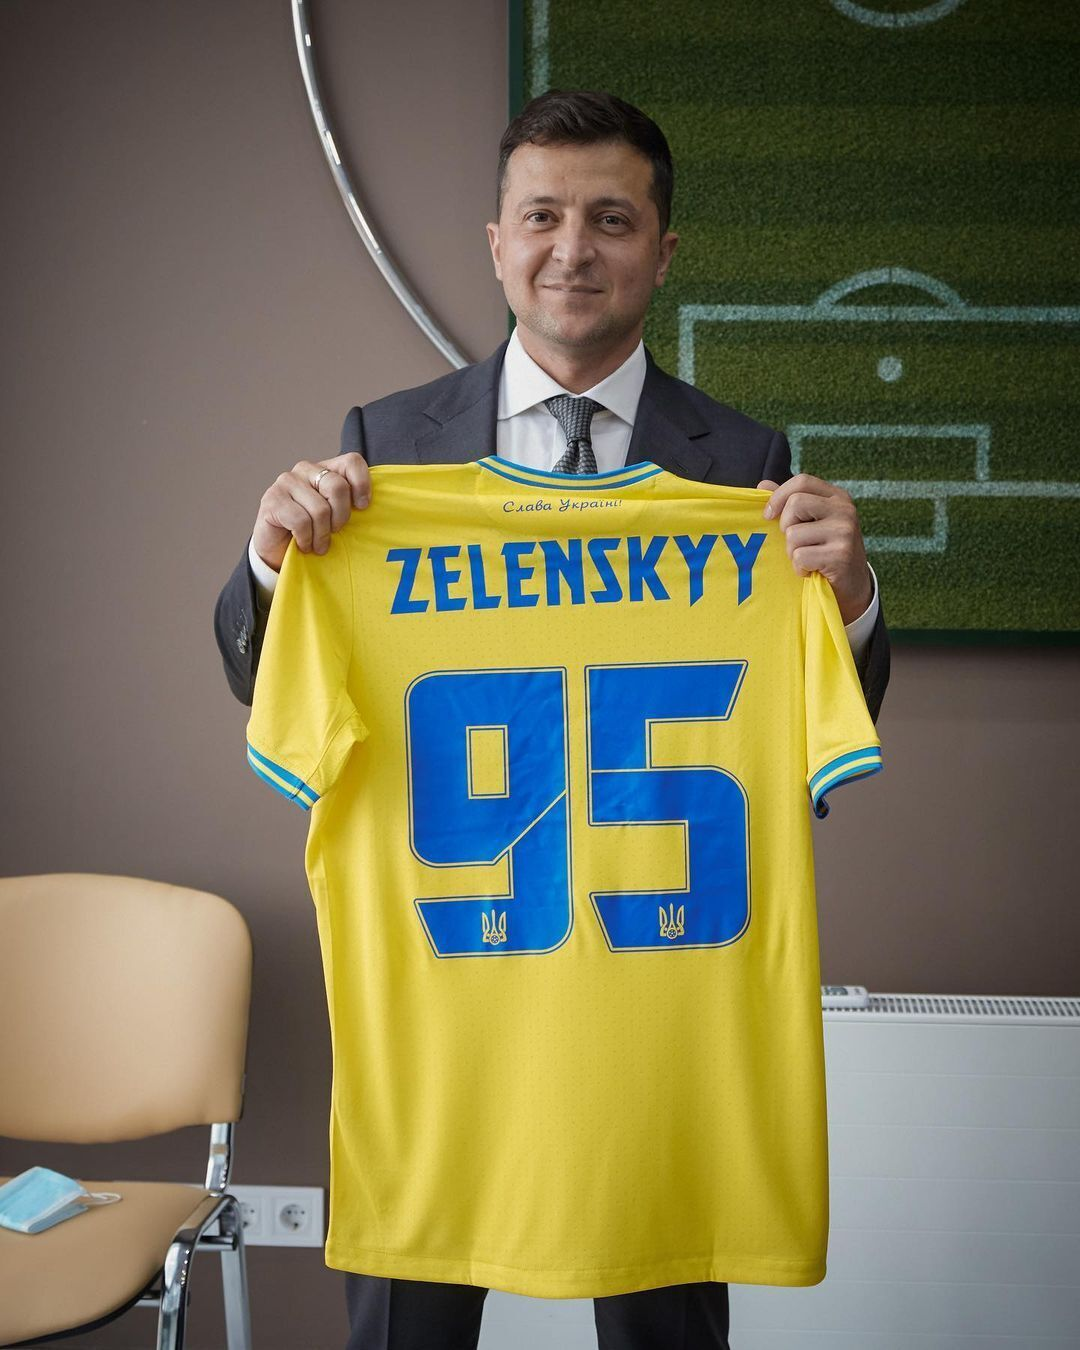 Владимир Зеленский сфотографировался с именной формой сборной Украины